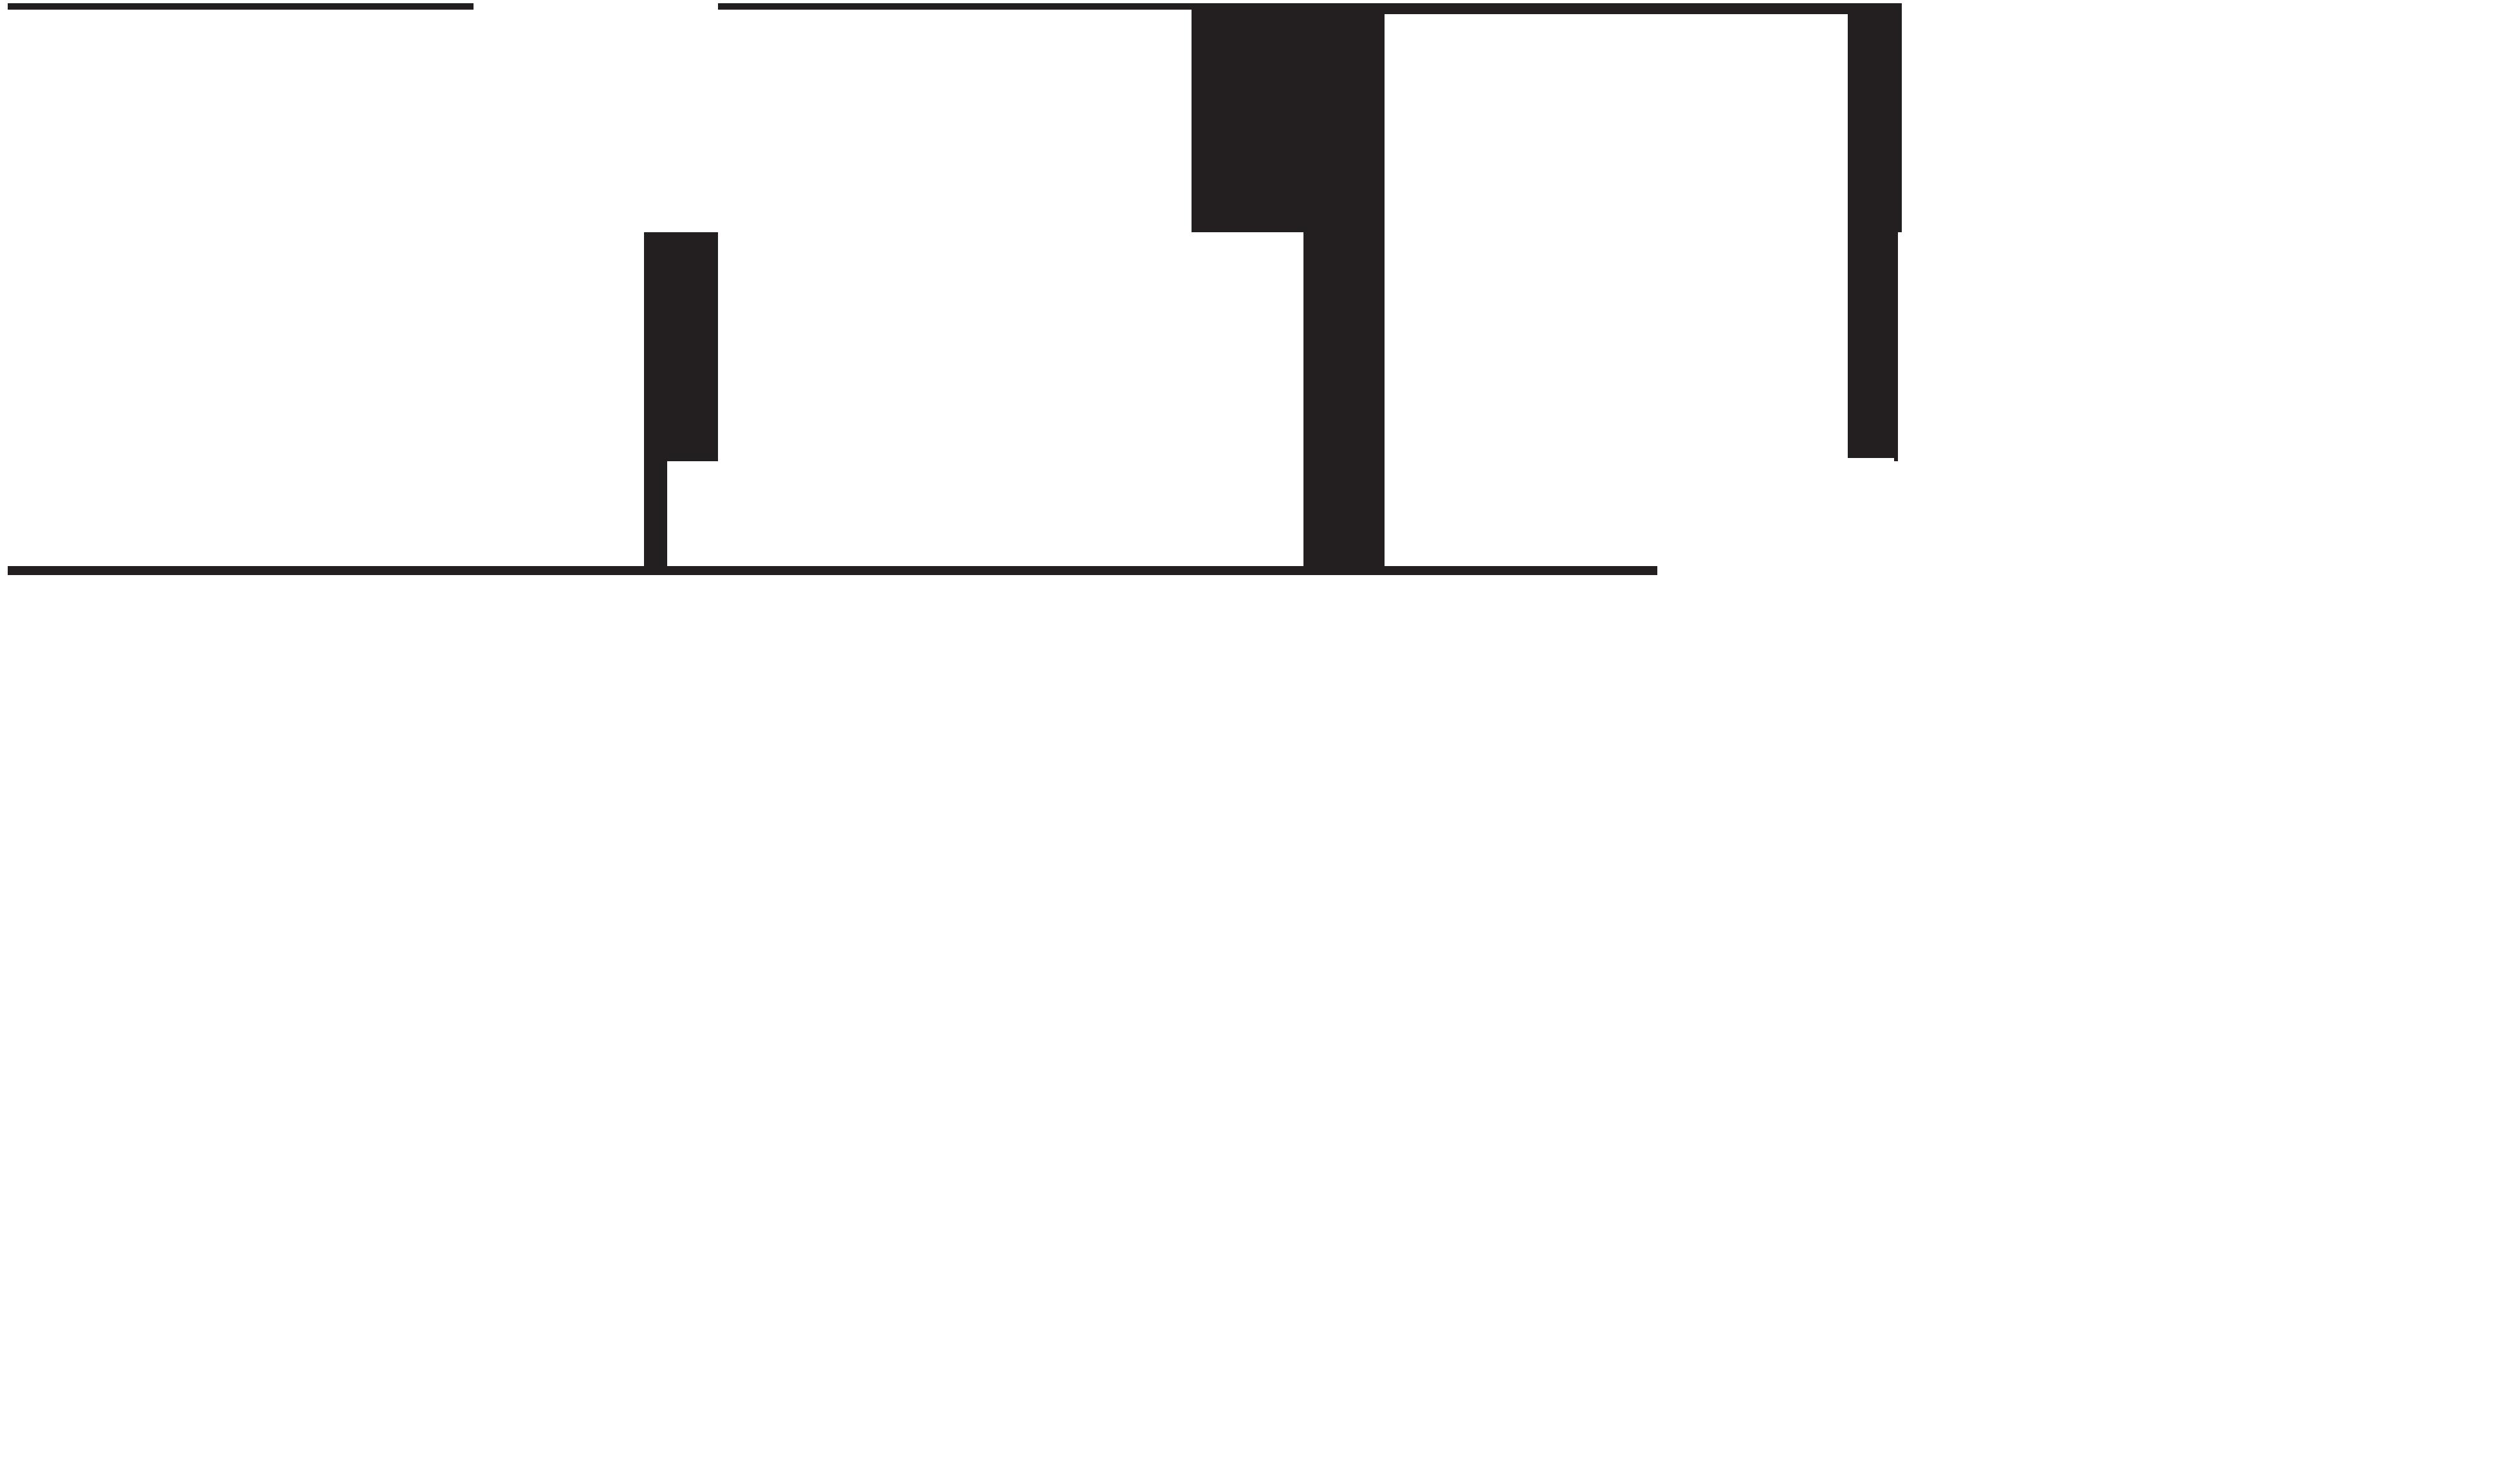 AAPC 40 Under 40